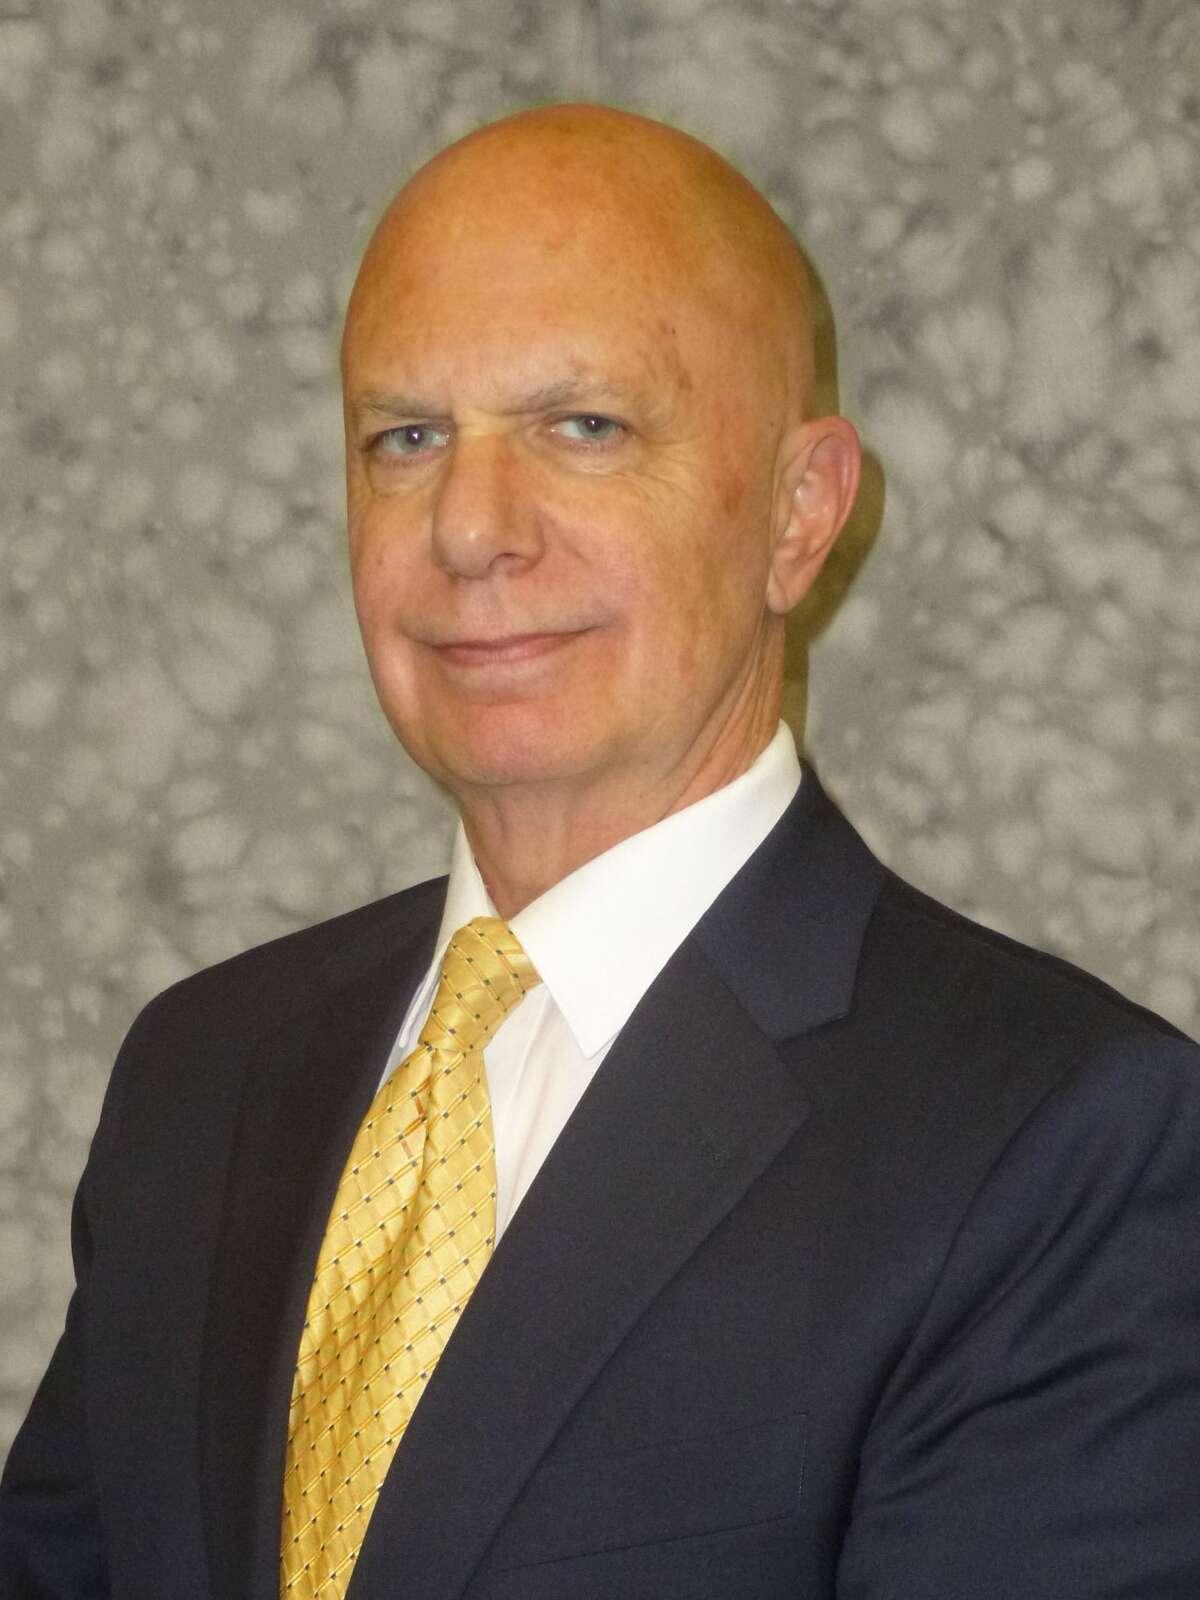 Bill Weidner